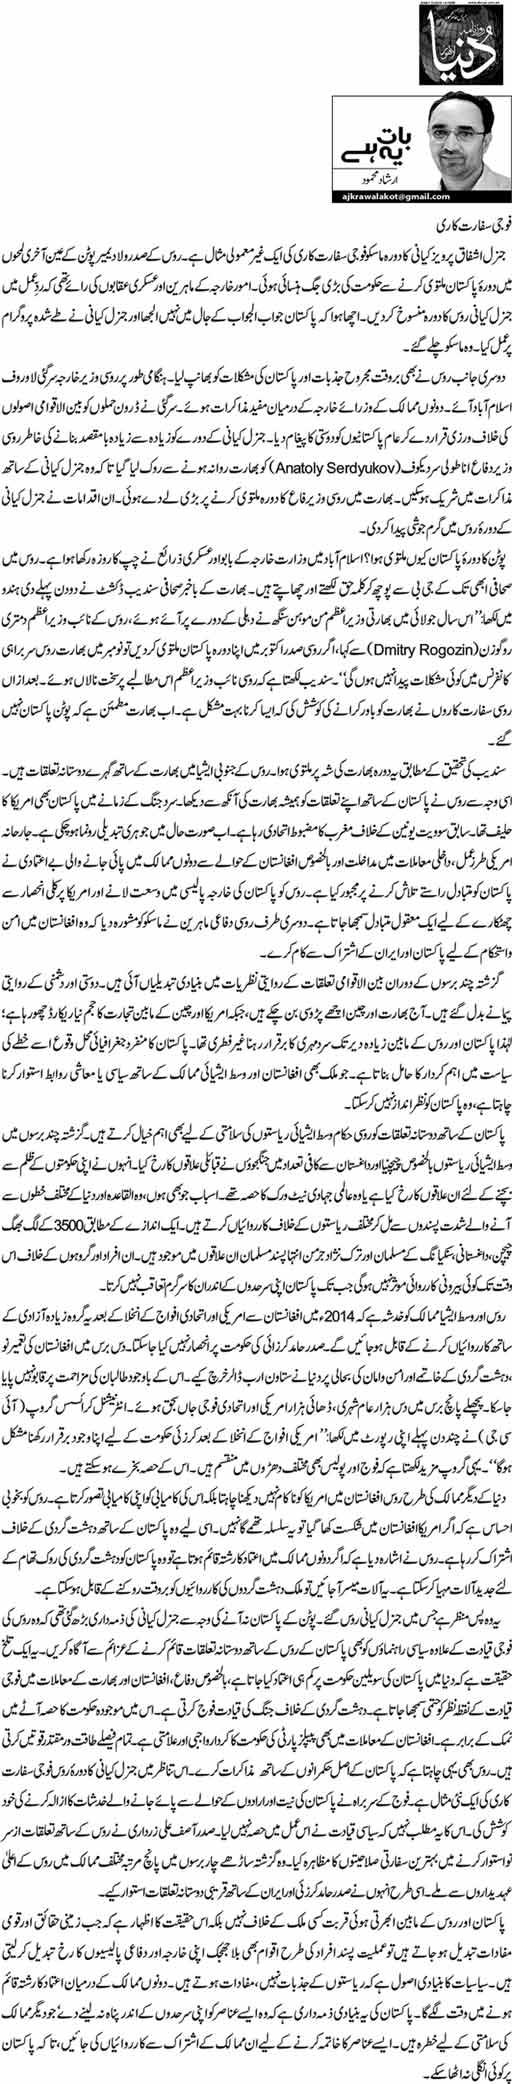 Fauji sifaaratkari - Irshad Mehmood